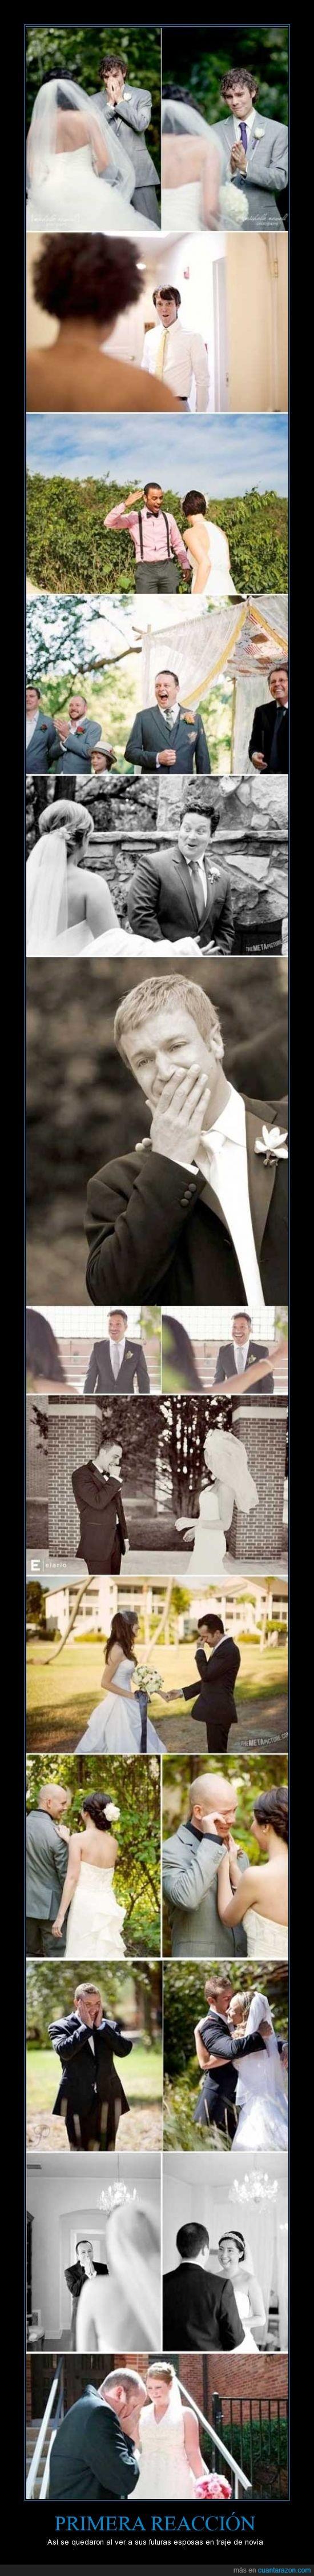 boda,impresion,llorar,matrimonio,novia,novio,traje